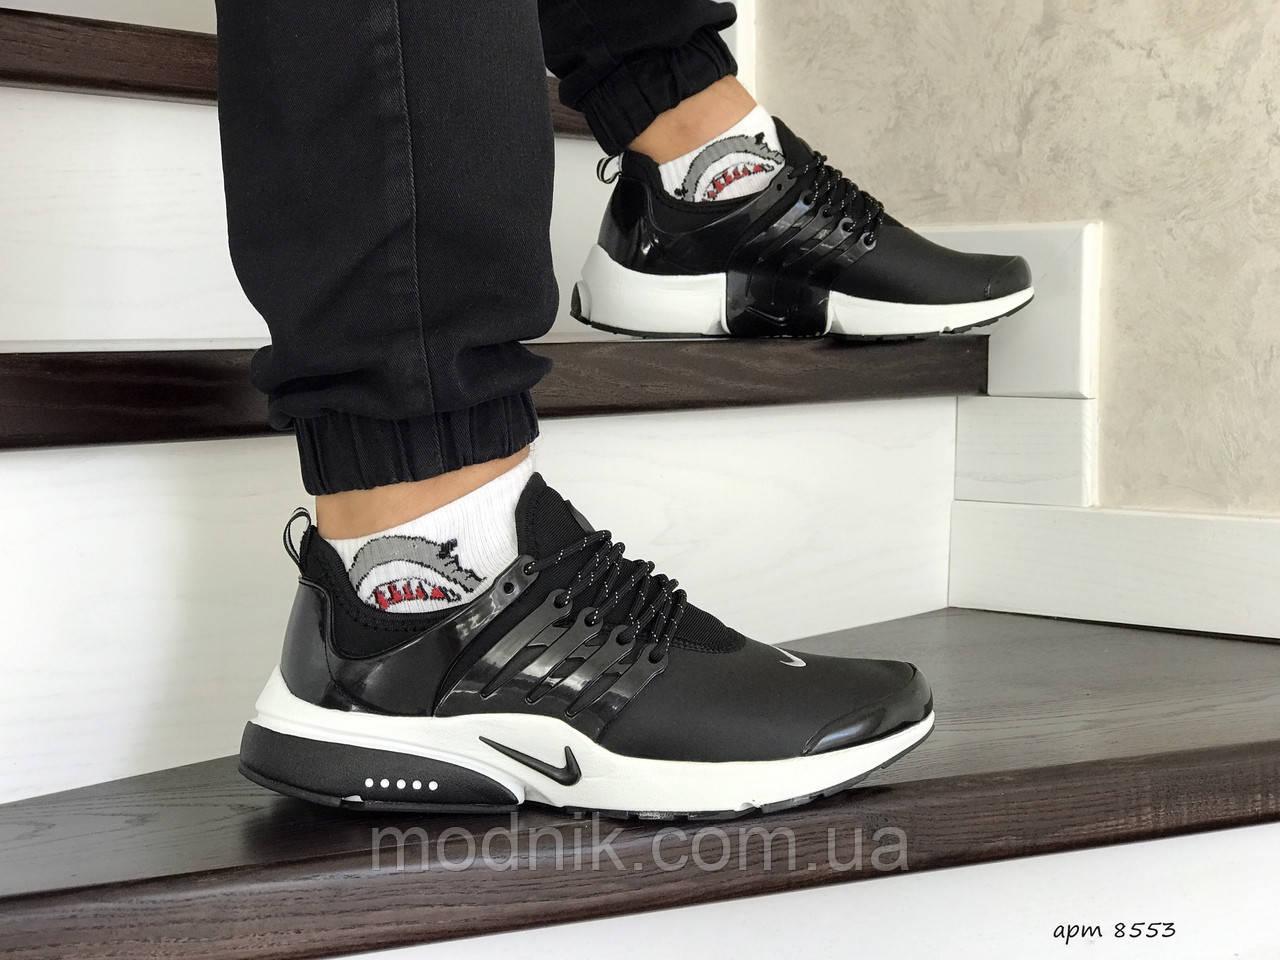 Мужские кроссовки Nike Air Presto (черно-белые)